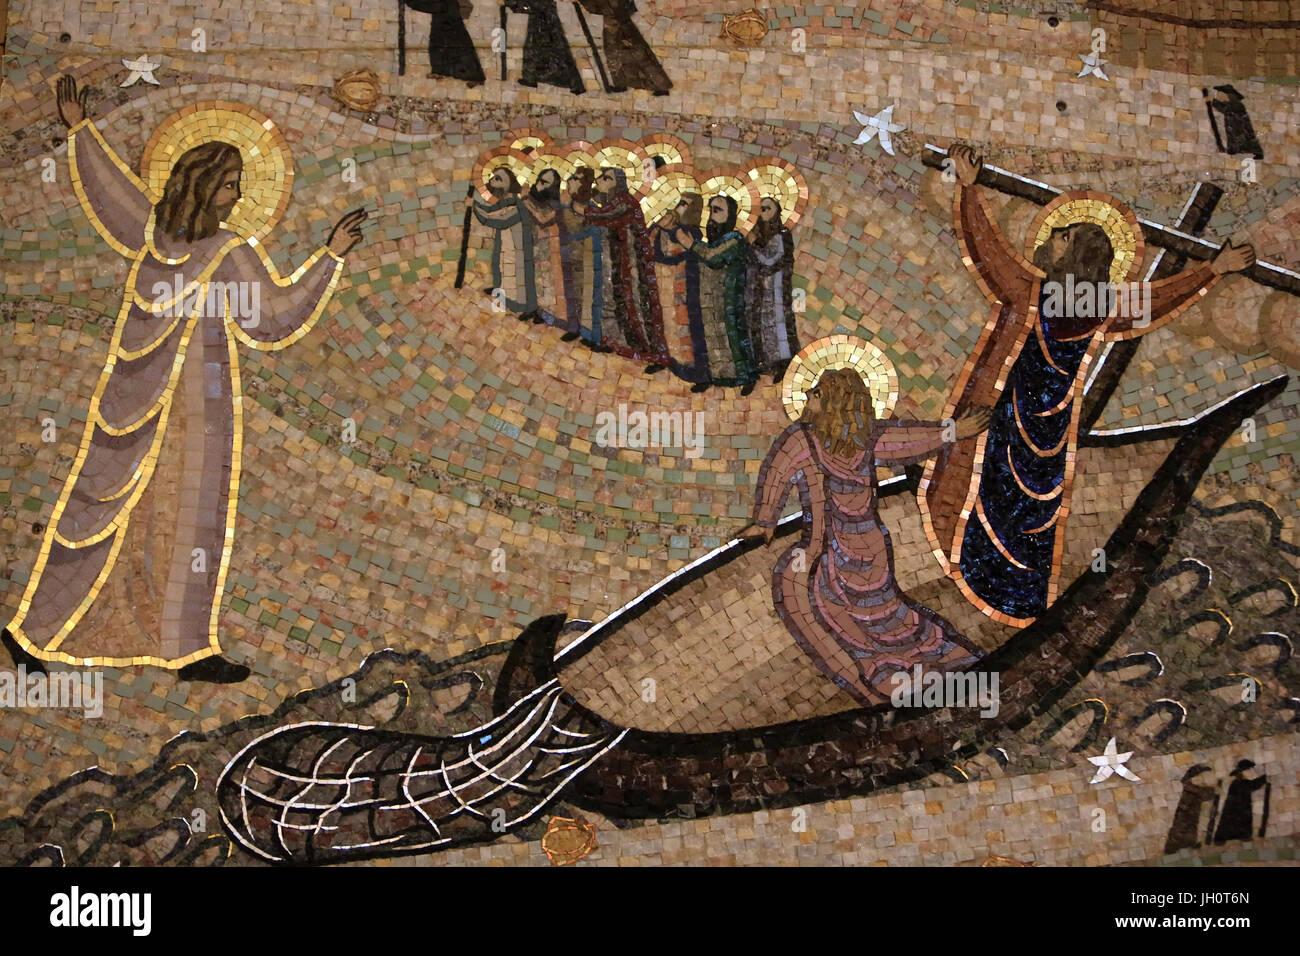 Gesù Cristo invita San Giacomo e Giovanni suo fratello a seguirlo. Dettaglio. Saint-Jacques de Compostela. Immagini Stock